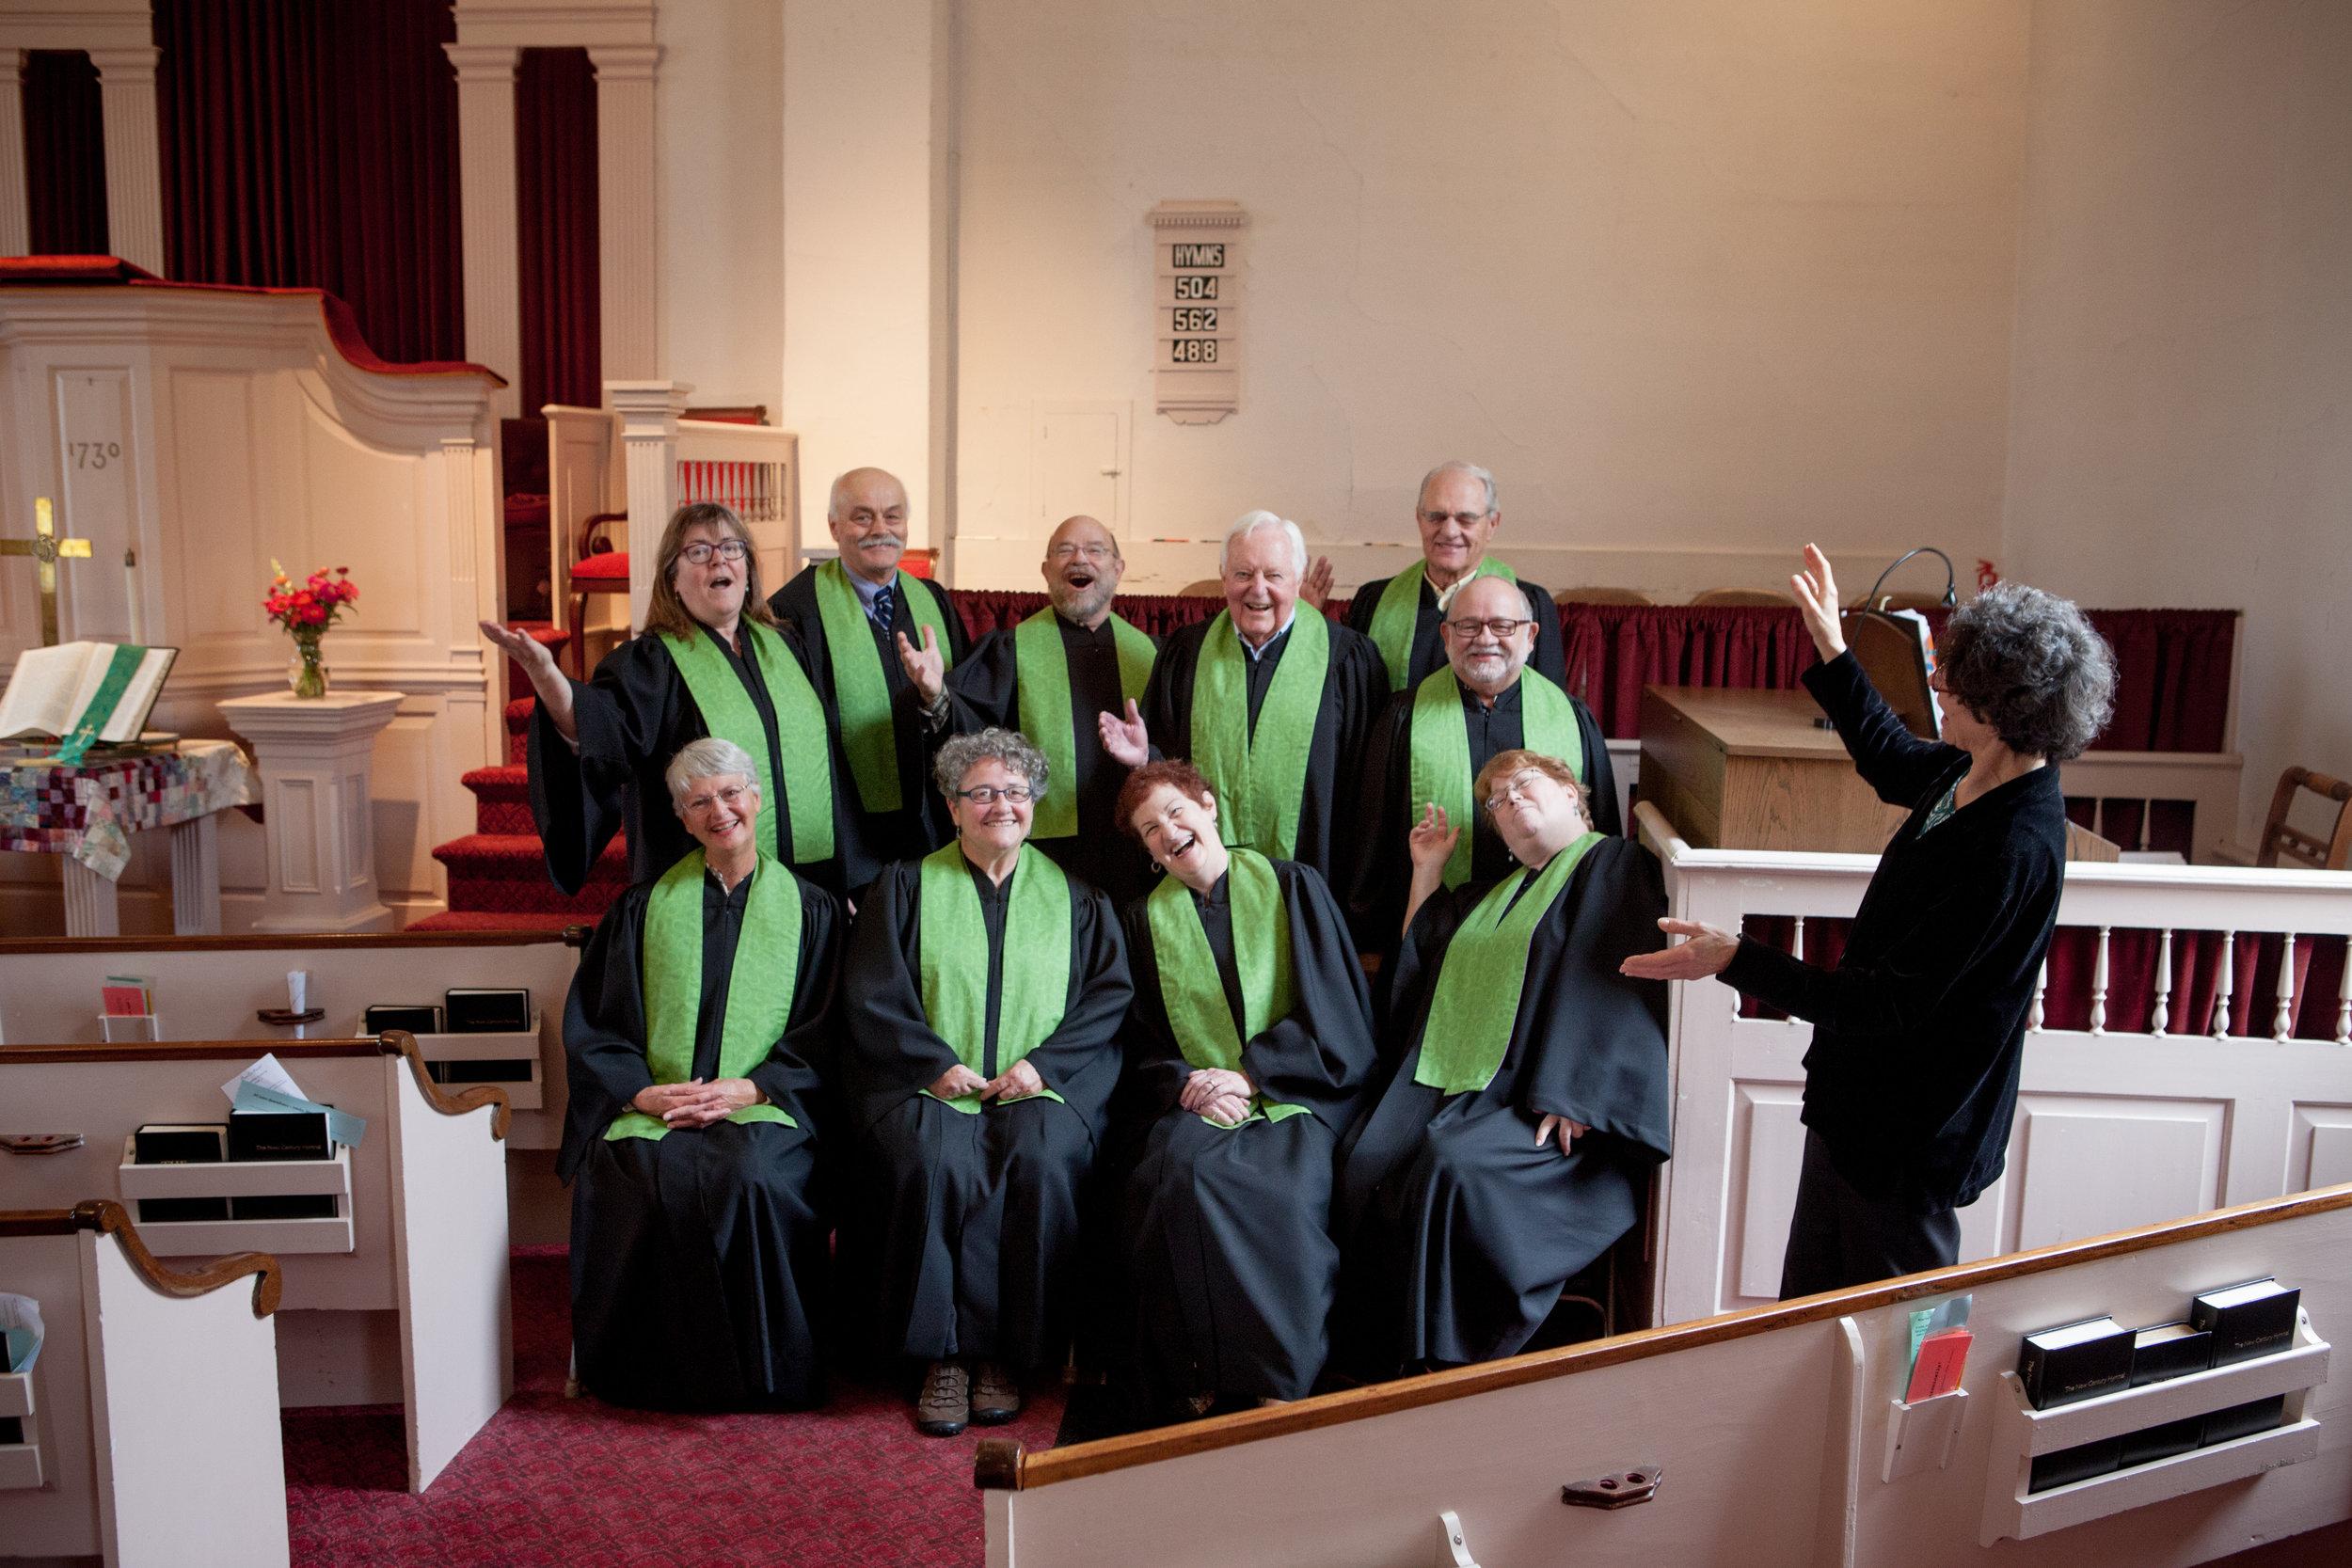 church-choir-having-fun.jpg